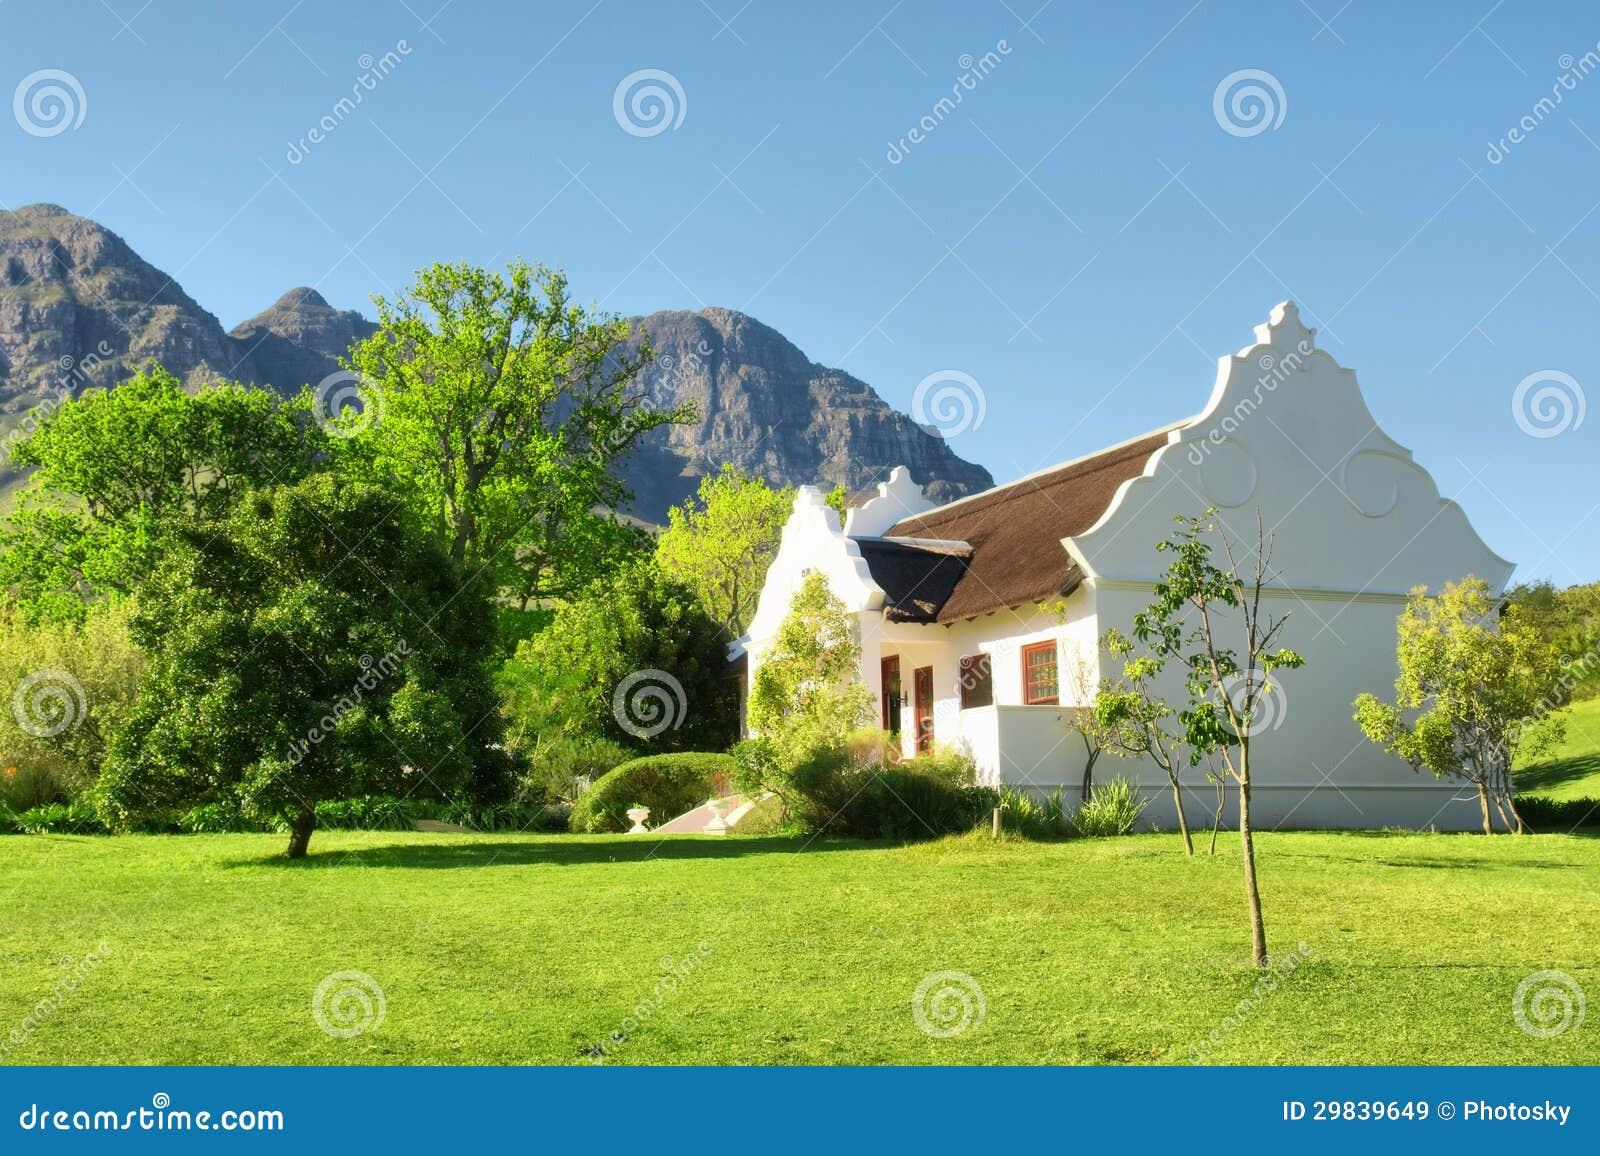 Casa holandesa do cabo tradicional contra montanhas